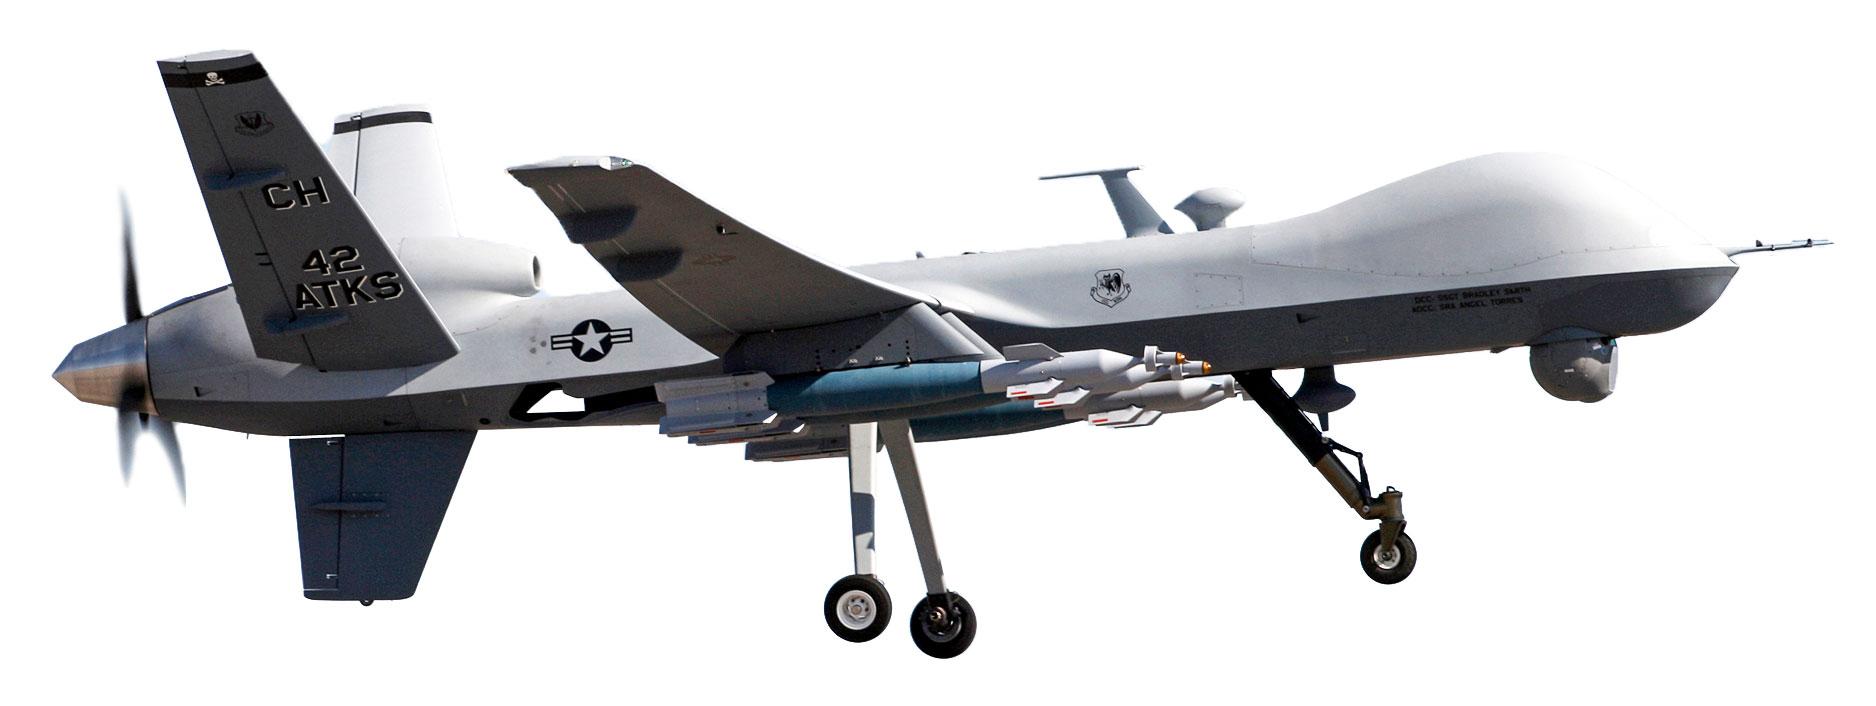 美國軍方將谷歌人工智能技術用於無人機。圖為MQ-9美軍收割者無人攻擊機。(U.S. Air Force/Paul Ridgeway/維基百科)